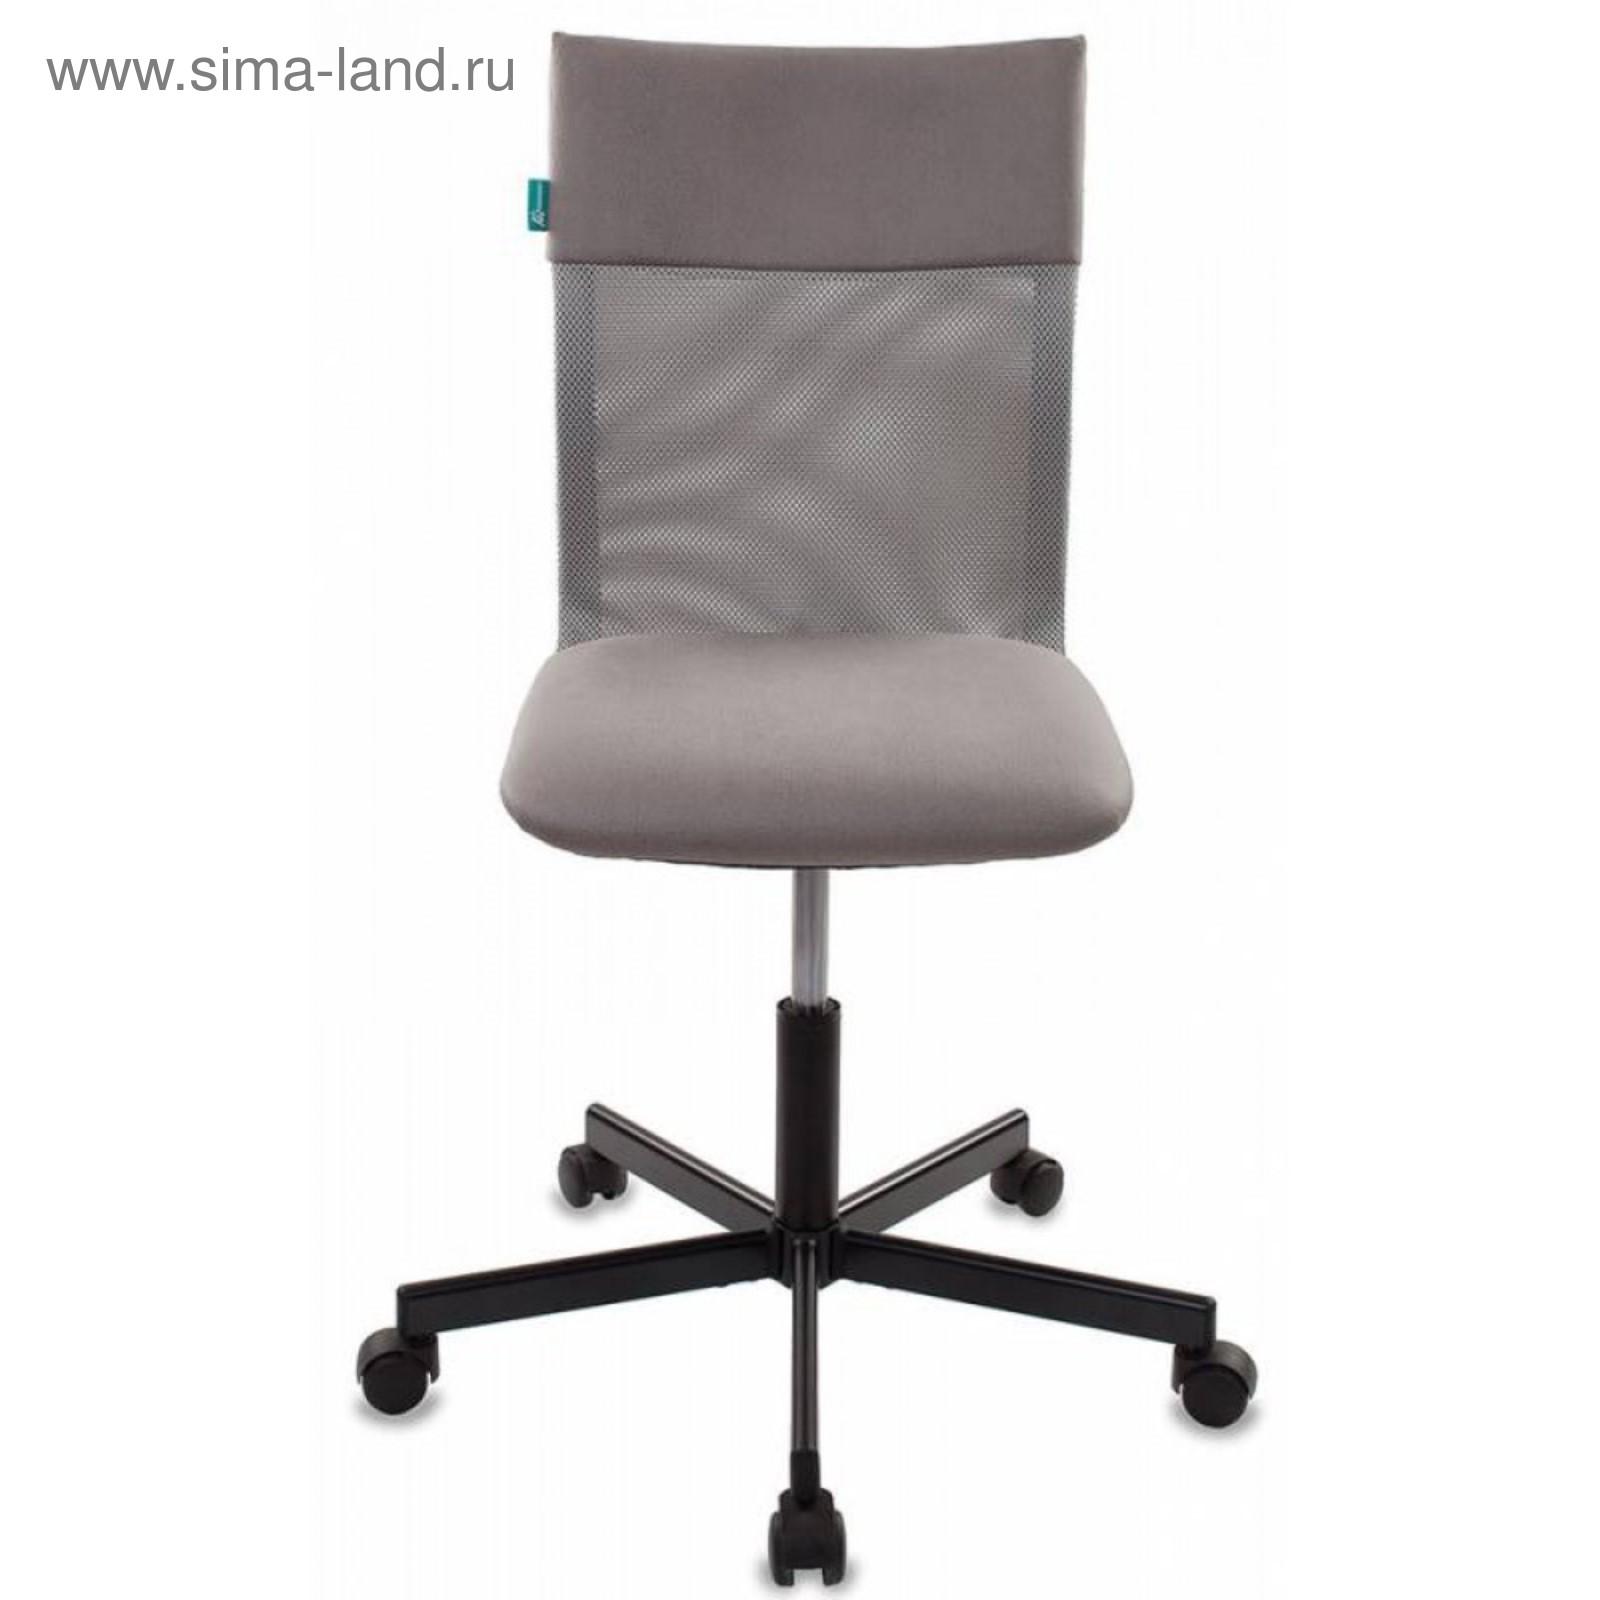 Кресло Бюрократ CH-1399/GREY, спинка сетка, серый